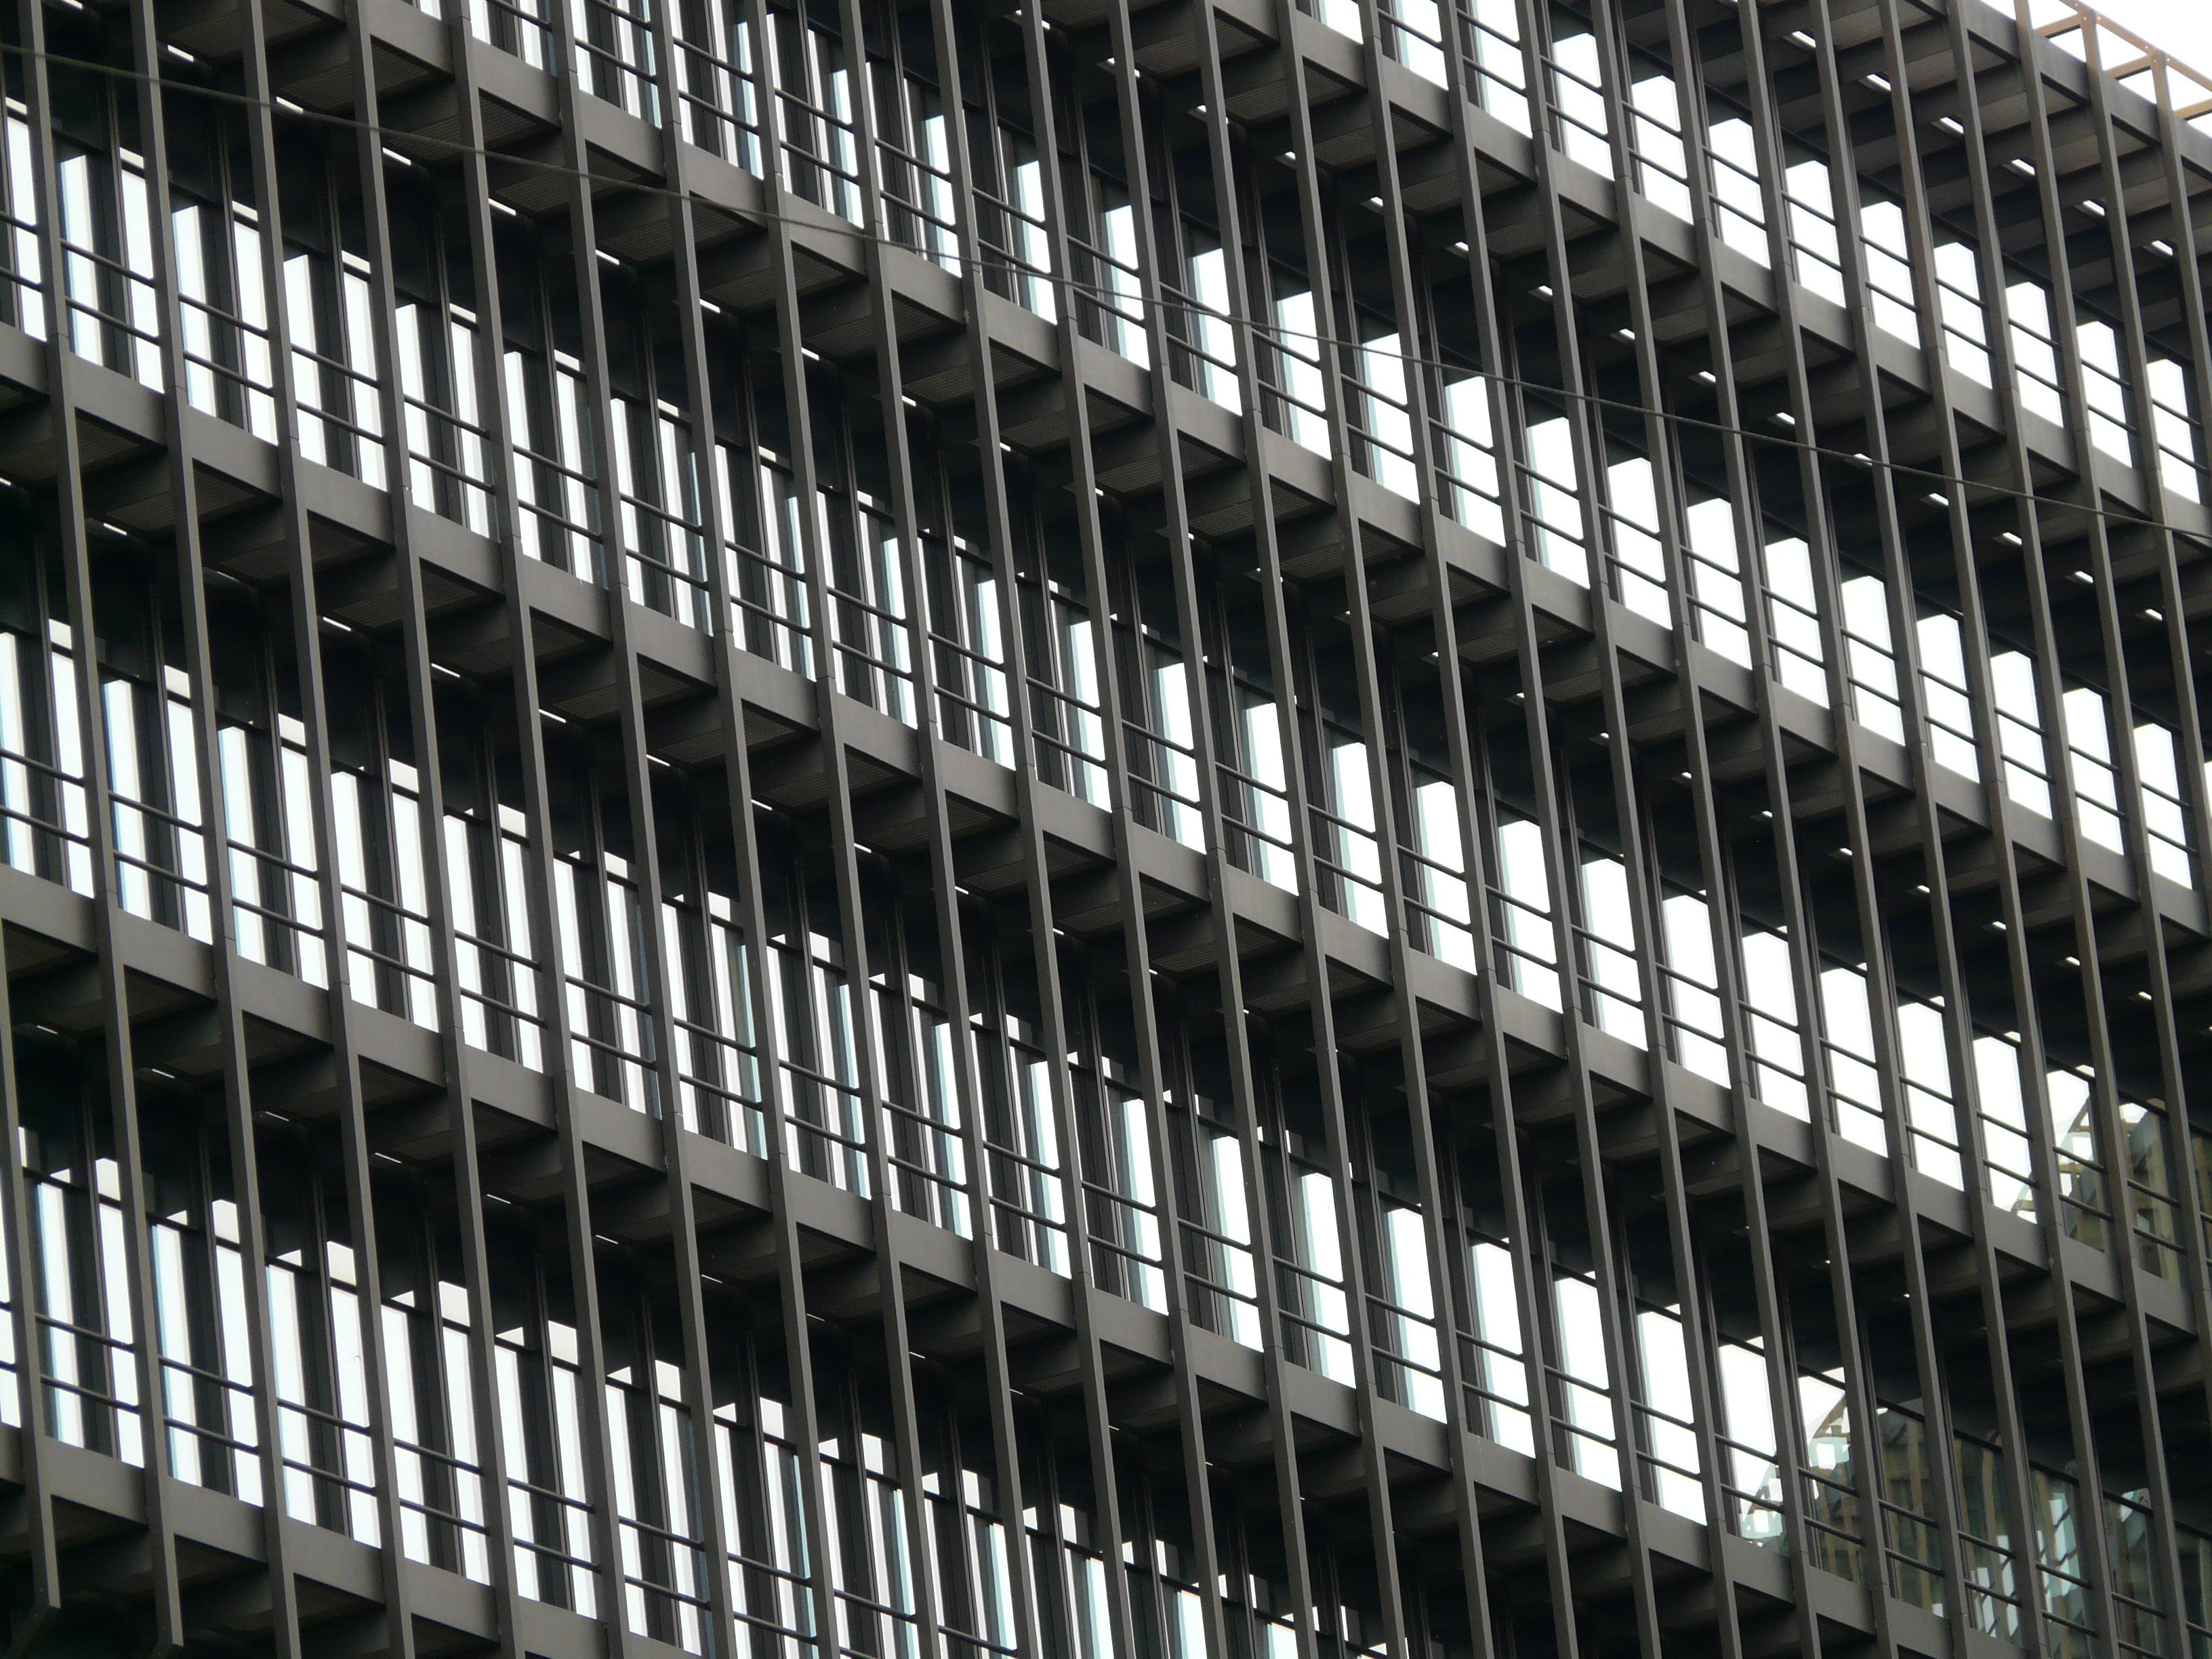 무료 이미지 : 울타리, 건축물, 창문, 유리, 건물, 무늬, 선, 금속 ...